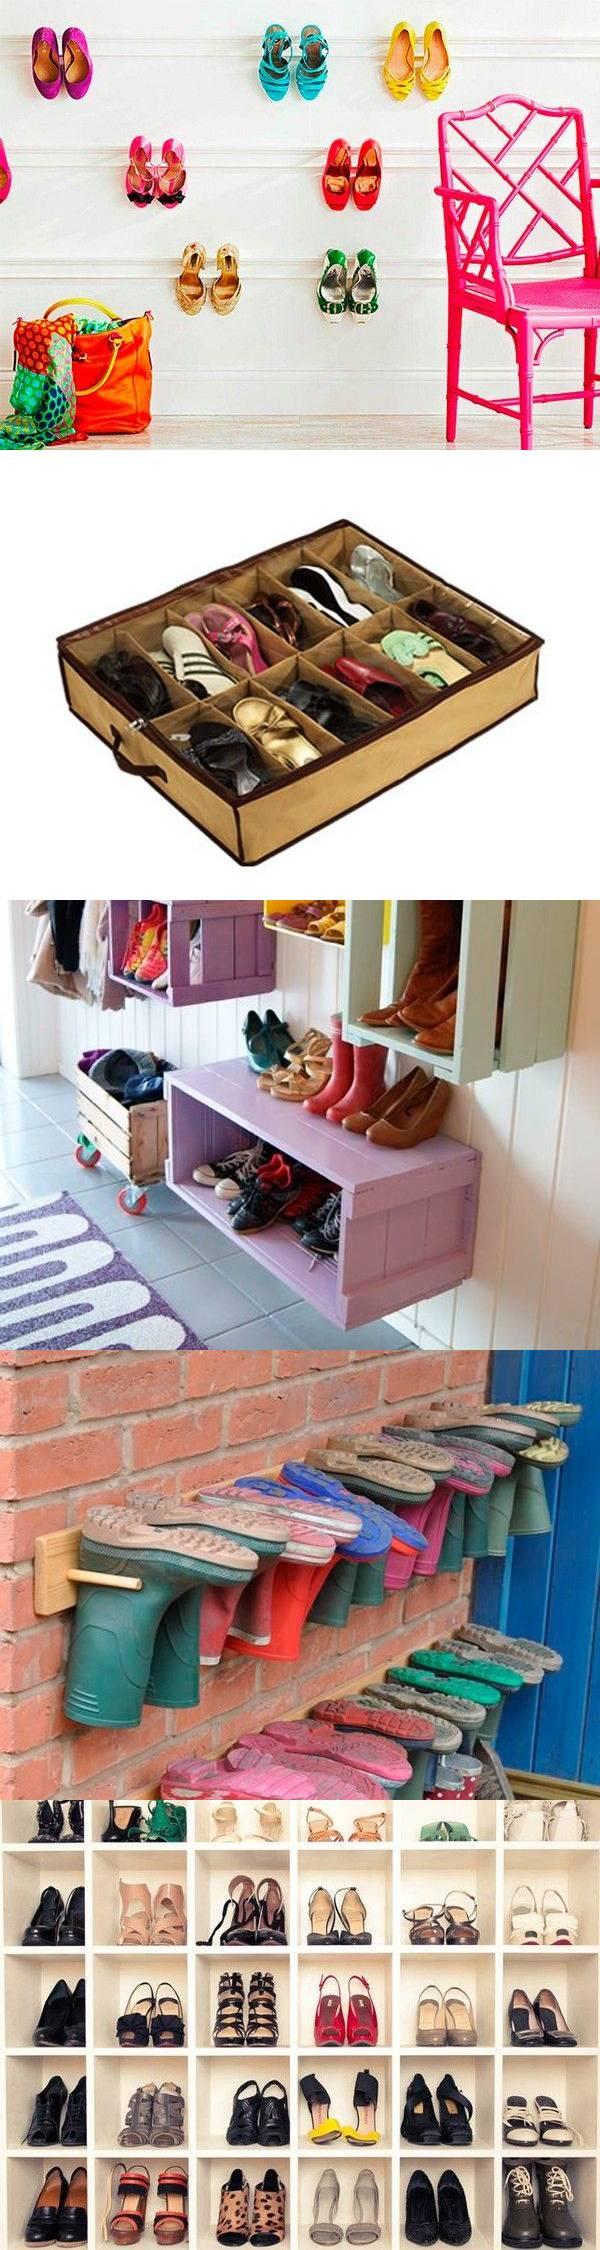 25 идей хранения обуви